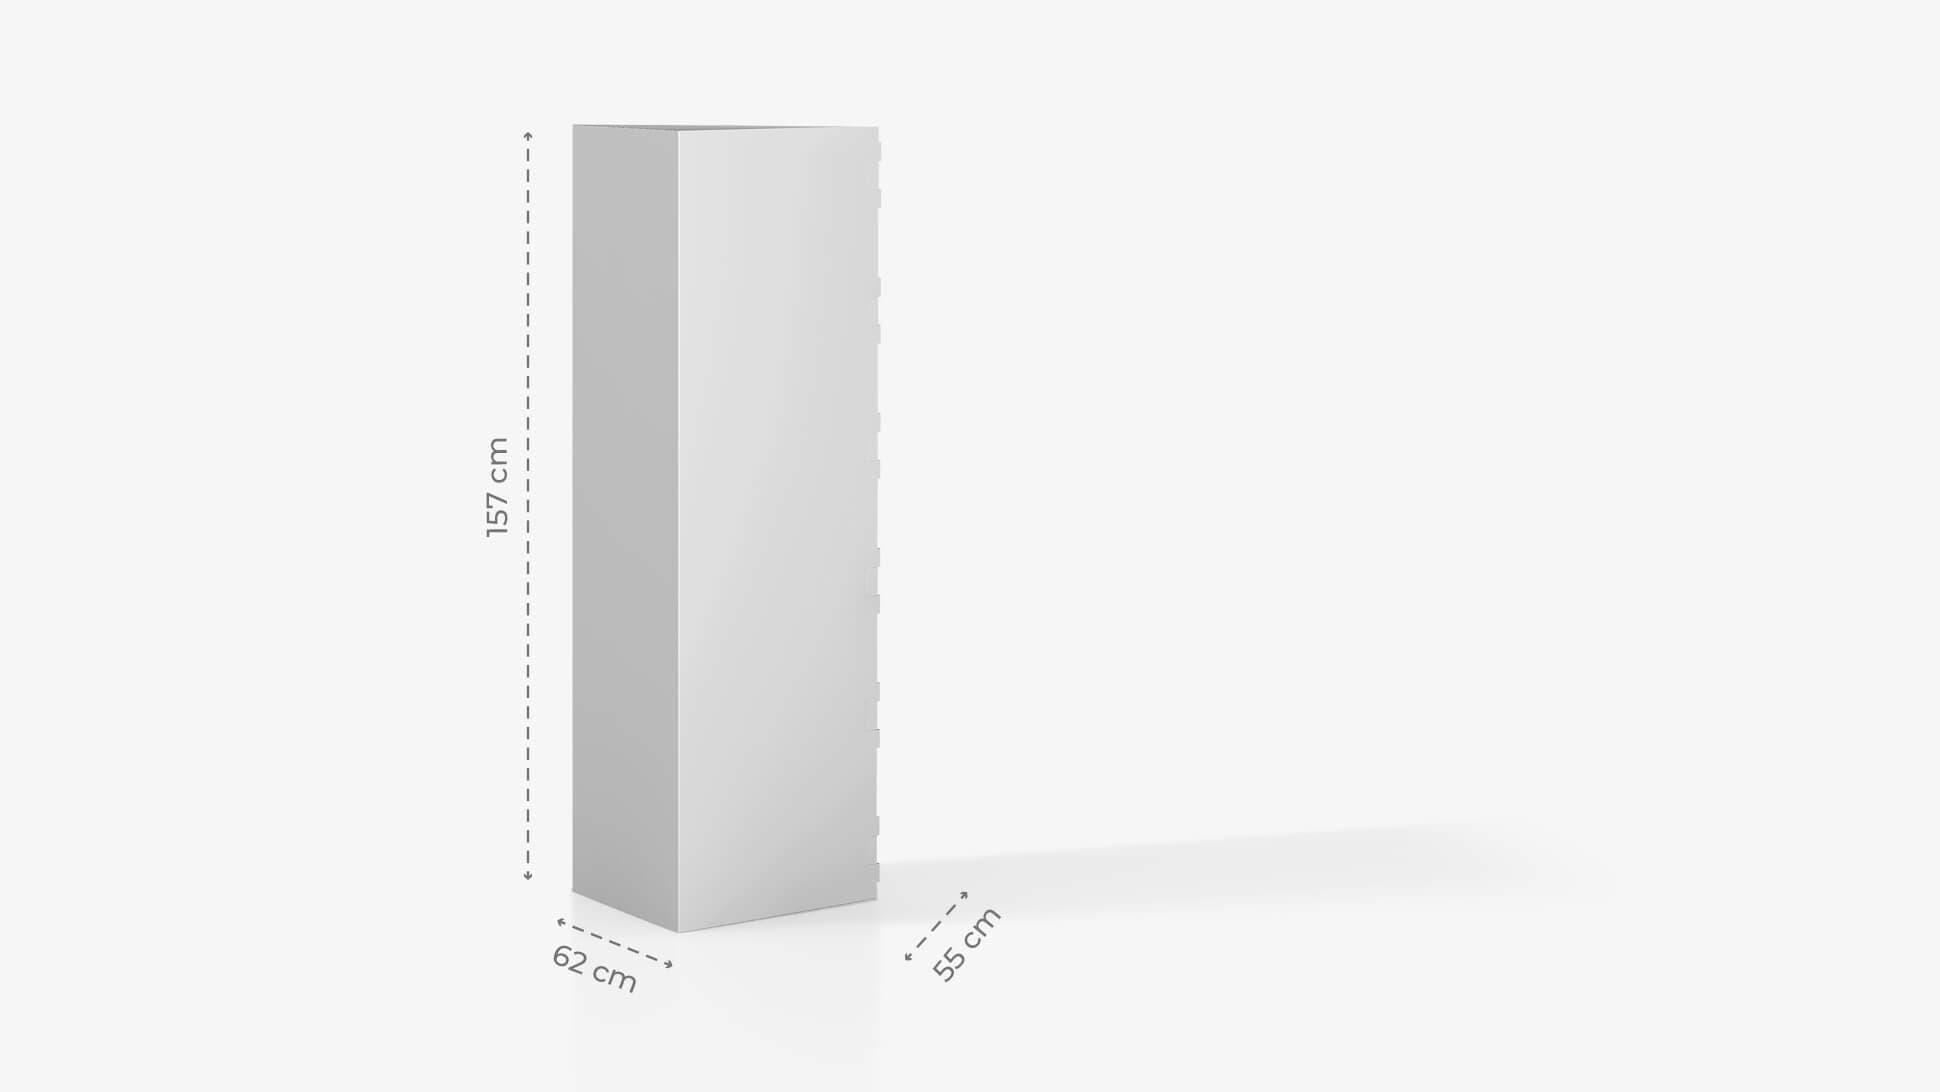 Espositore h157 cm grafica personalizzabile | tictac.it